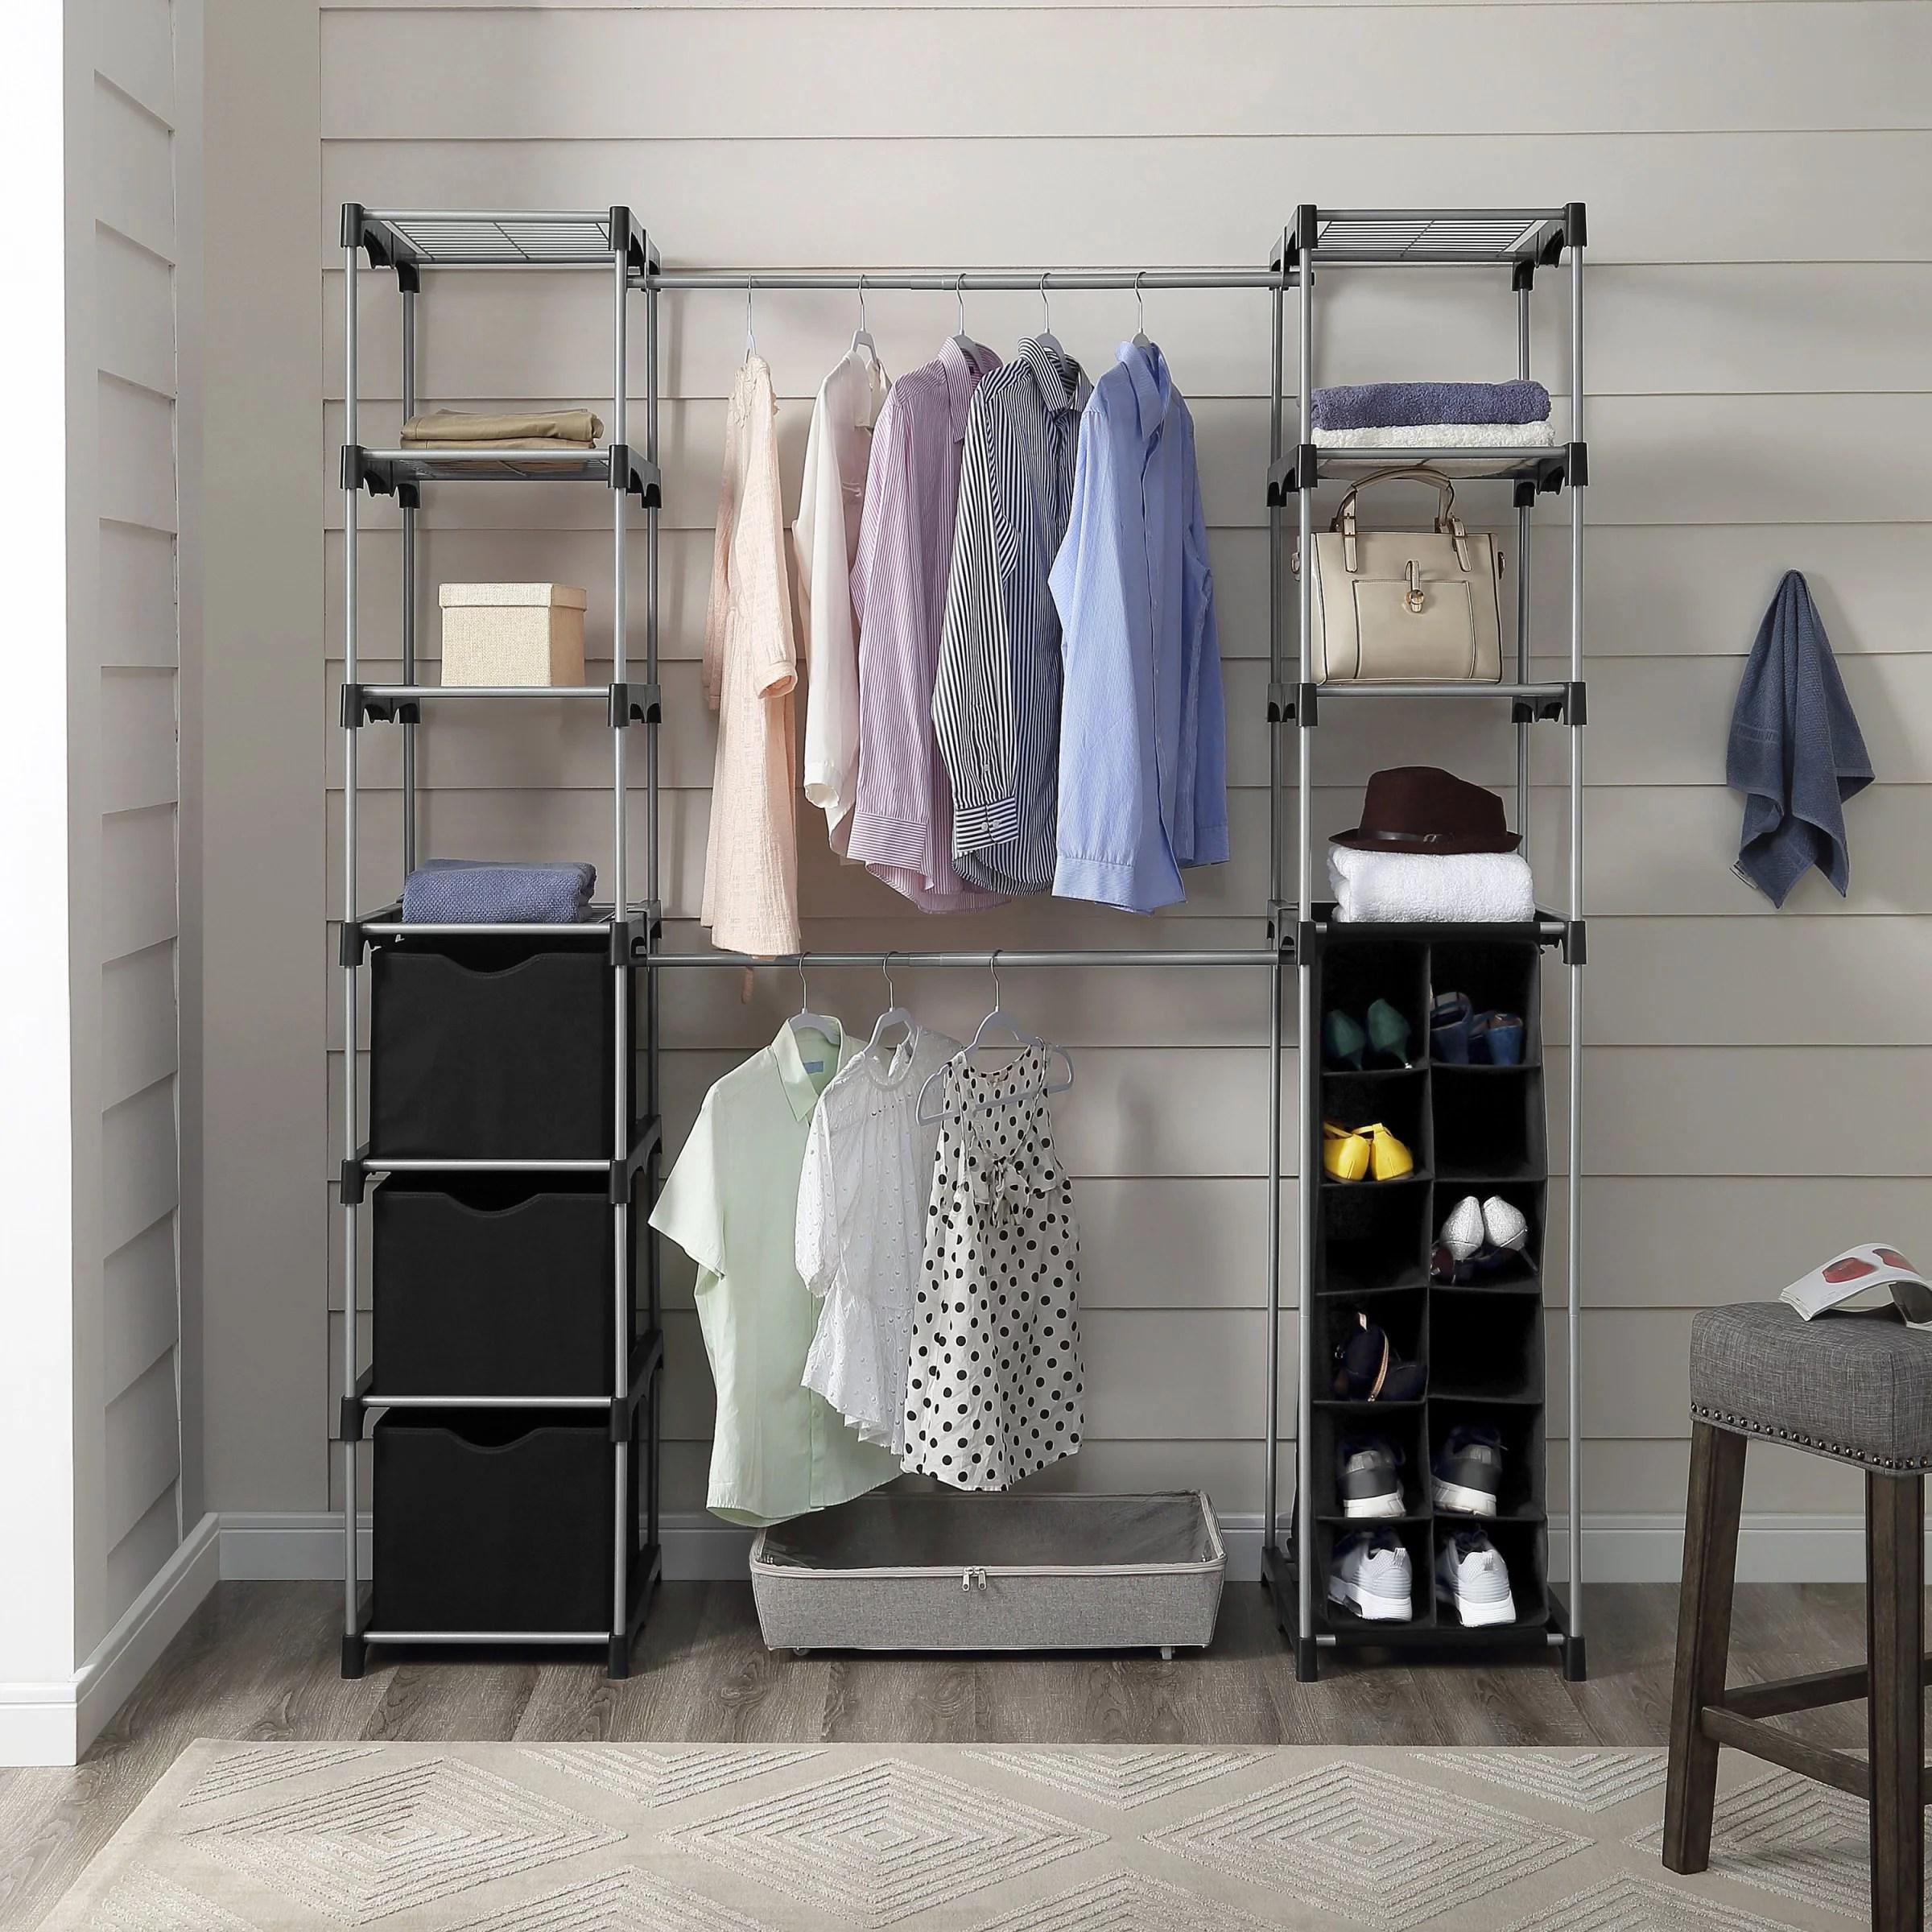 Mainstays Closet Organizer 2 Tower 9 Shelves Easy To Assemble Black Walmart Com